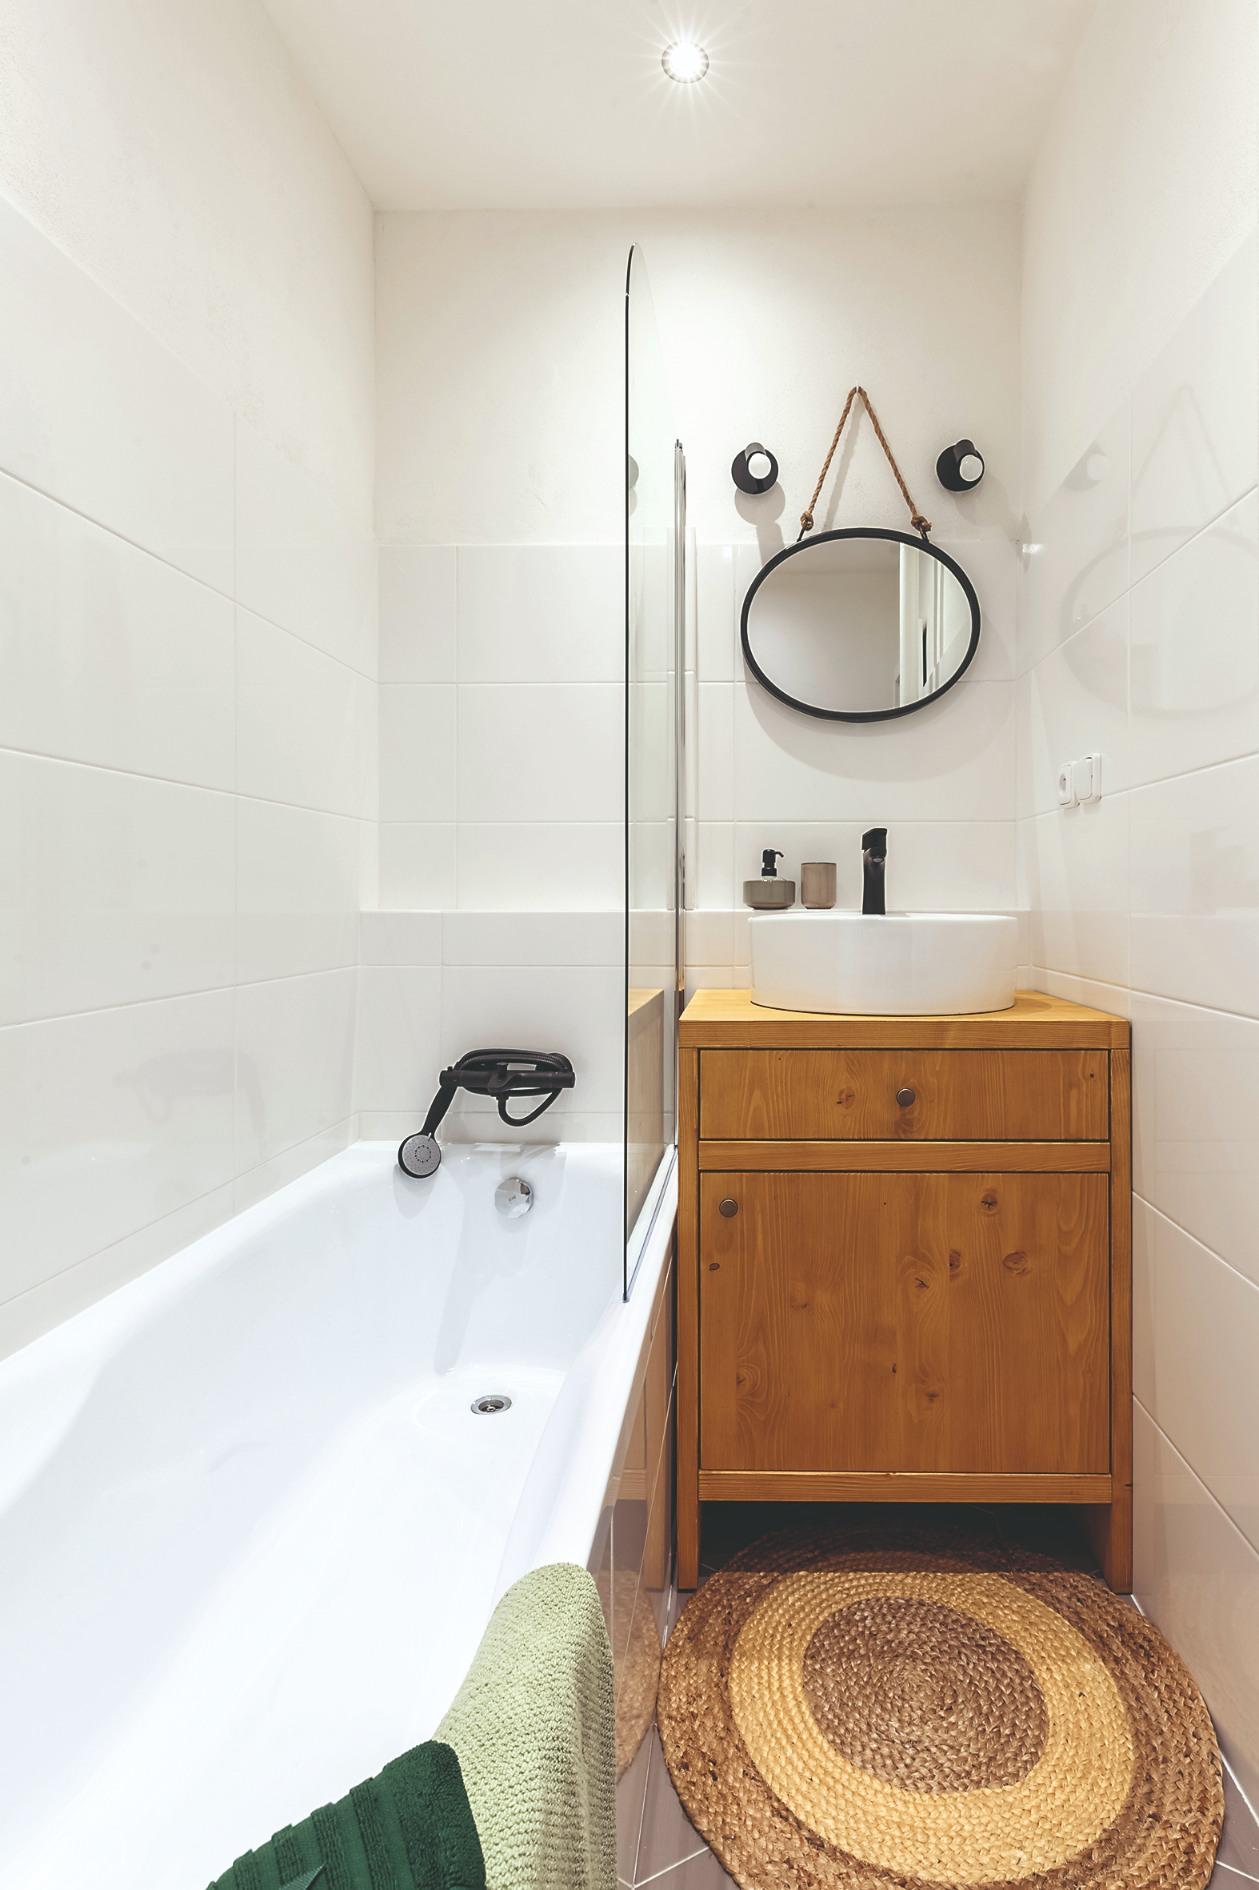 Malá kúpeľňa s vaňou a drevenou komodou